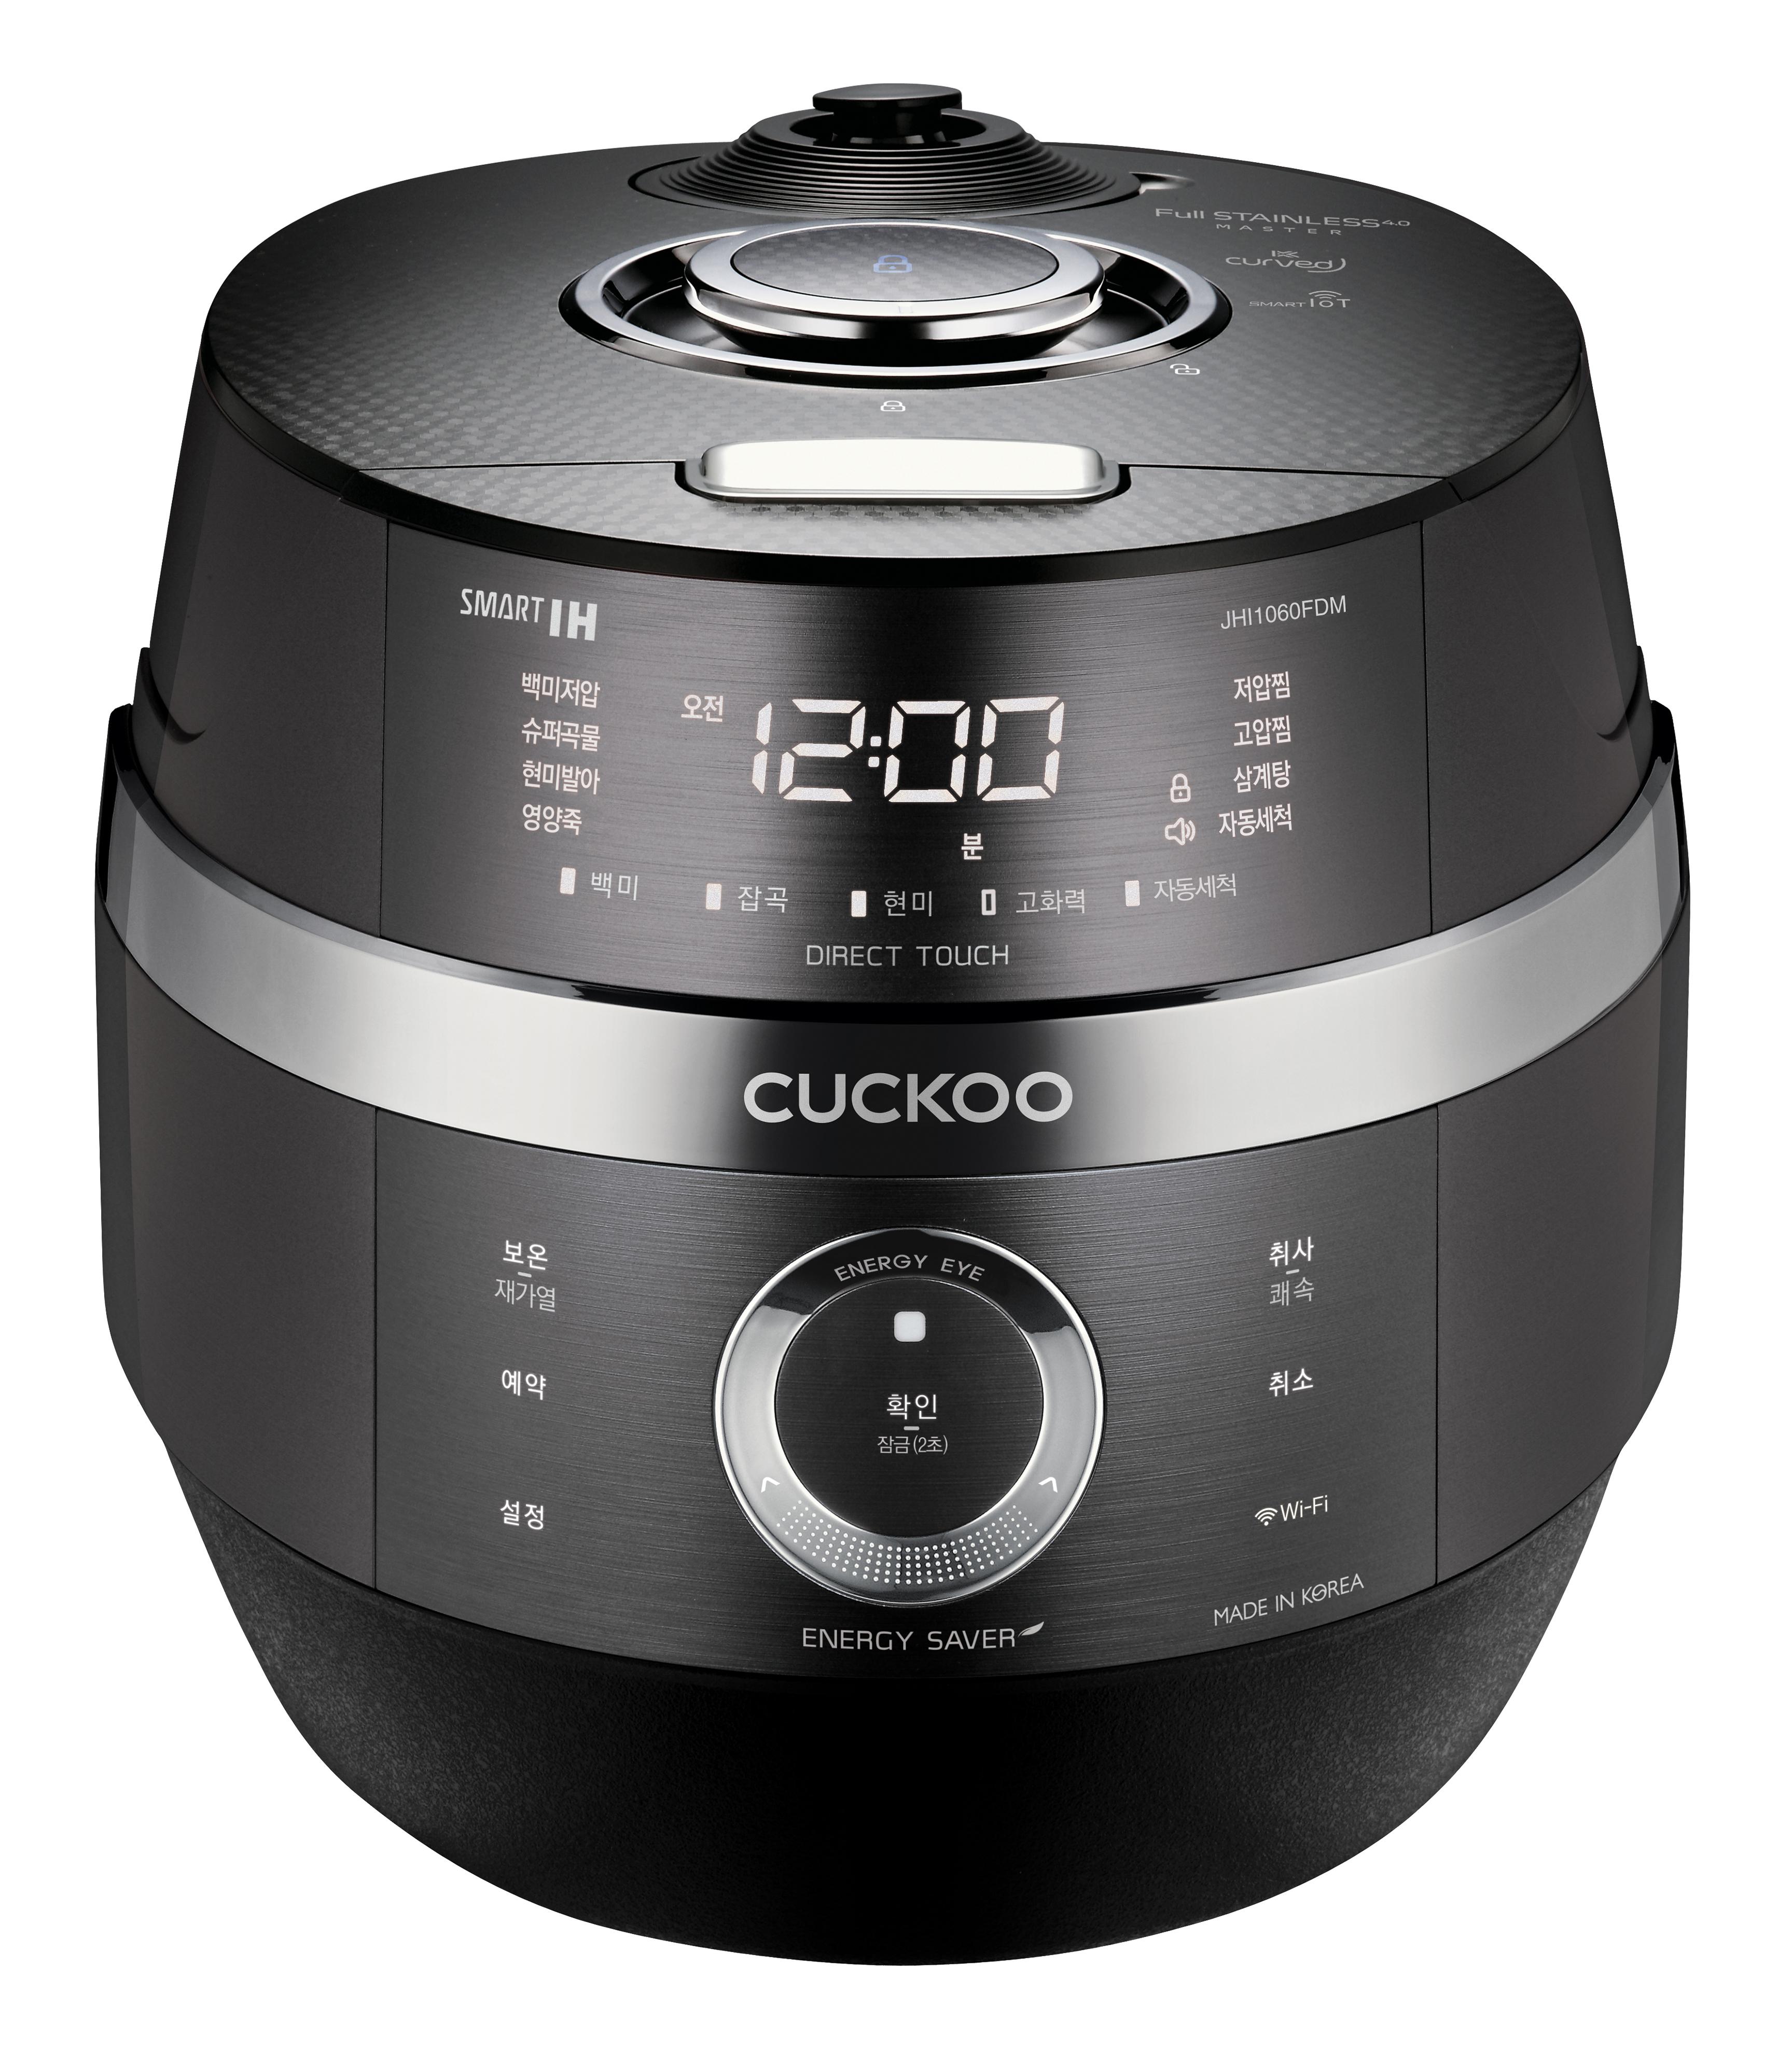 쿠쿠 IoT 전기 압력밥솥 10인용, CRP-JHI1060FDM